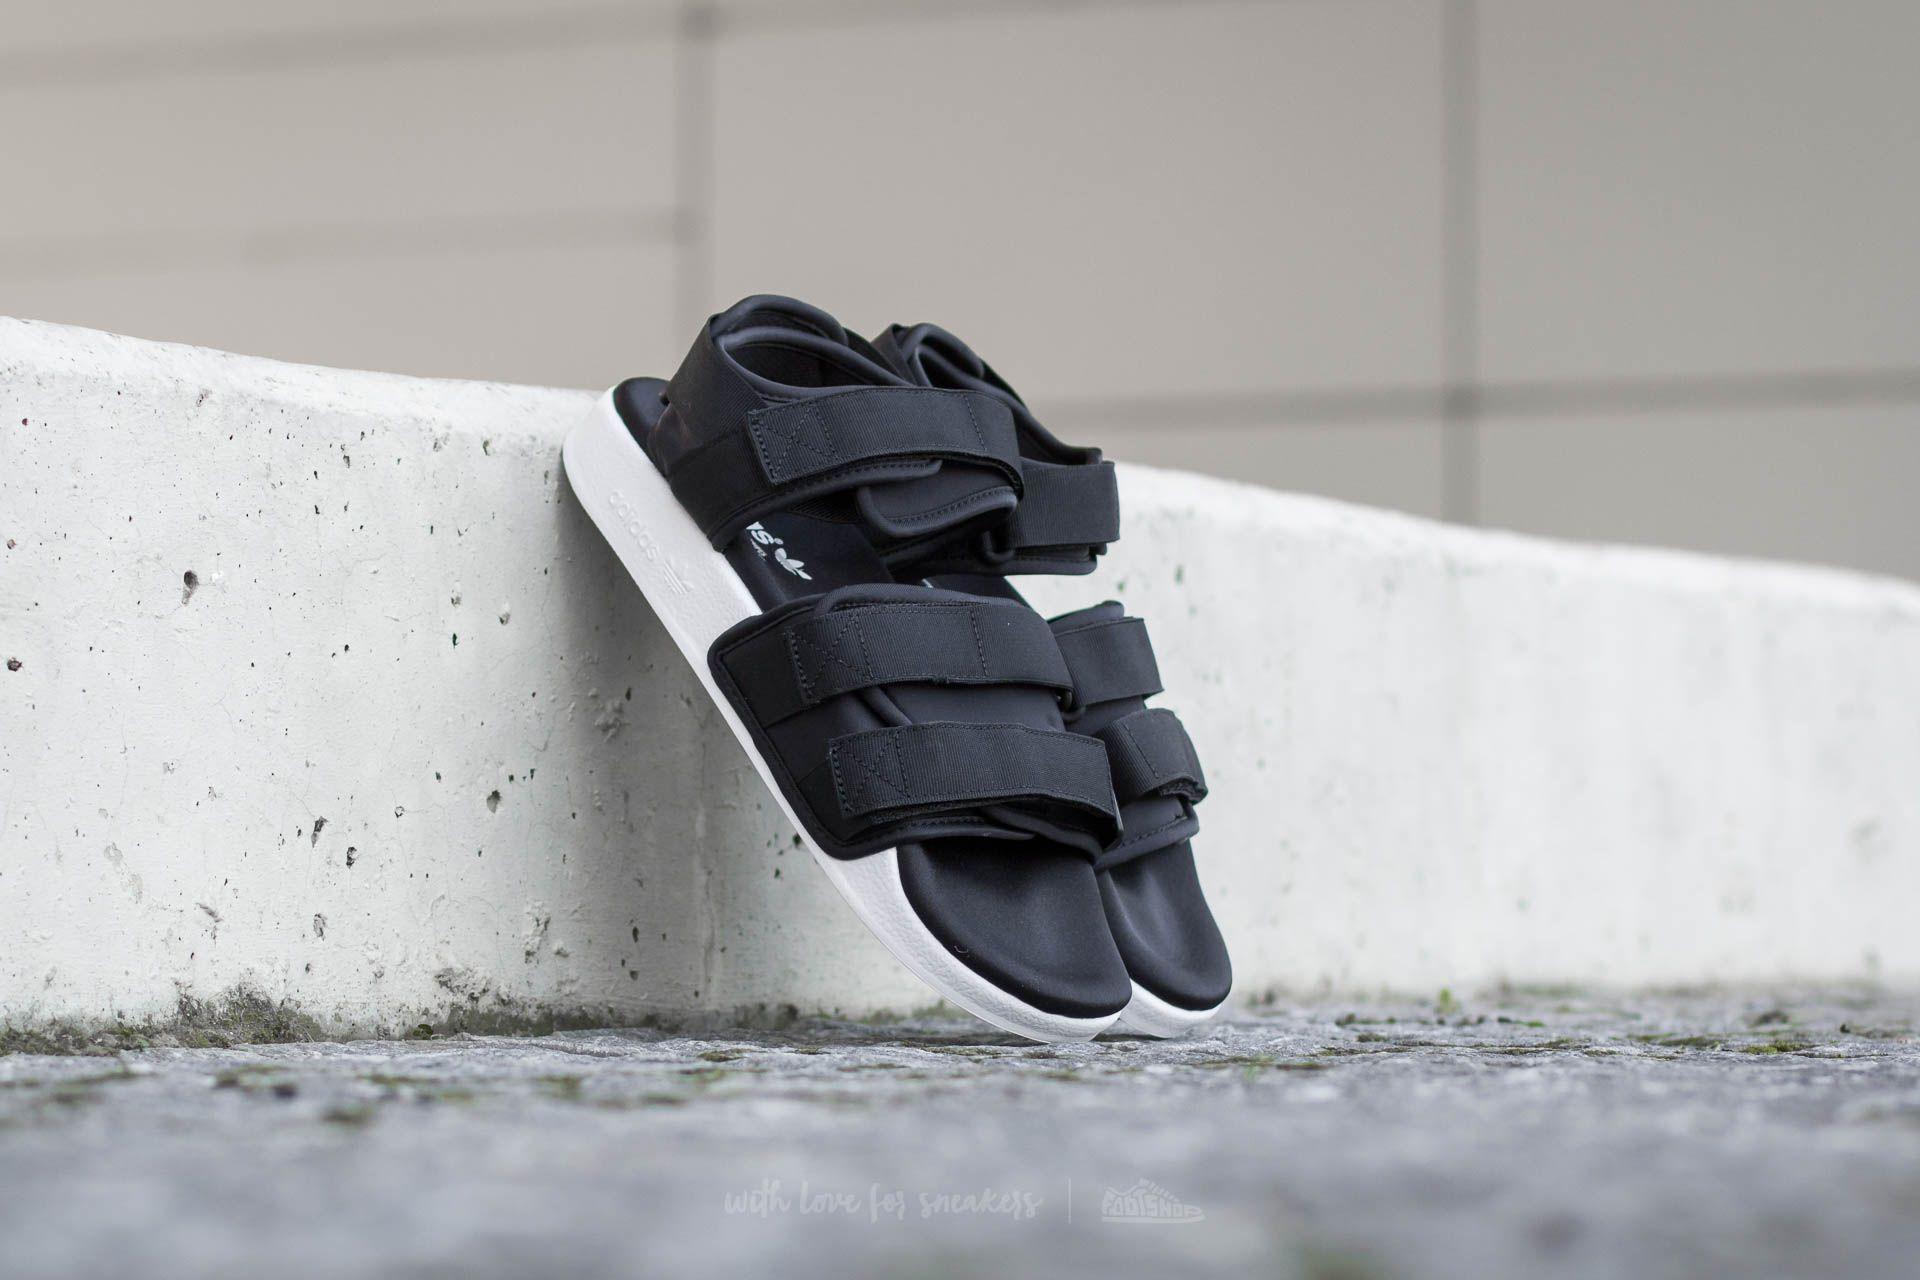 bbe3a03b6441 adidas Adilette Sandal W Core Black  Core Black  Ftw White